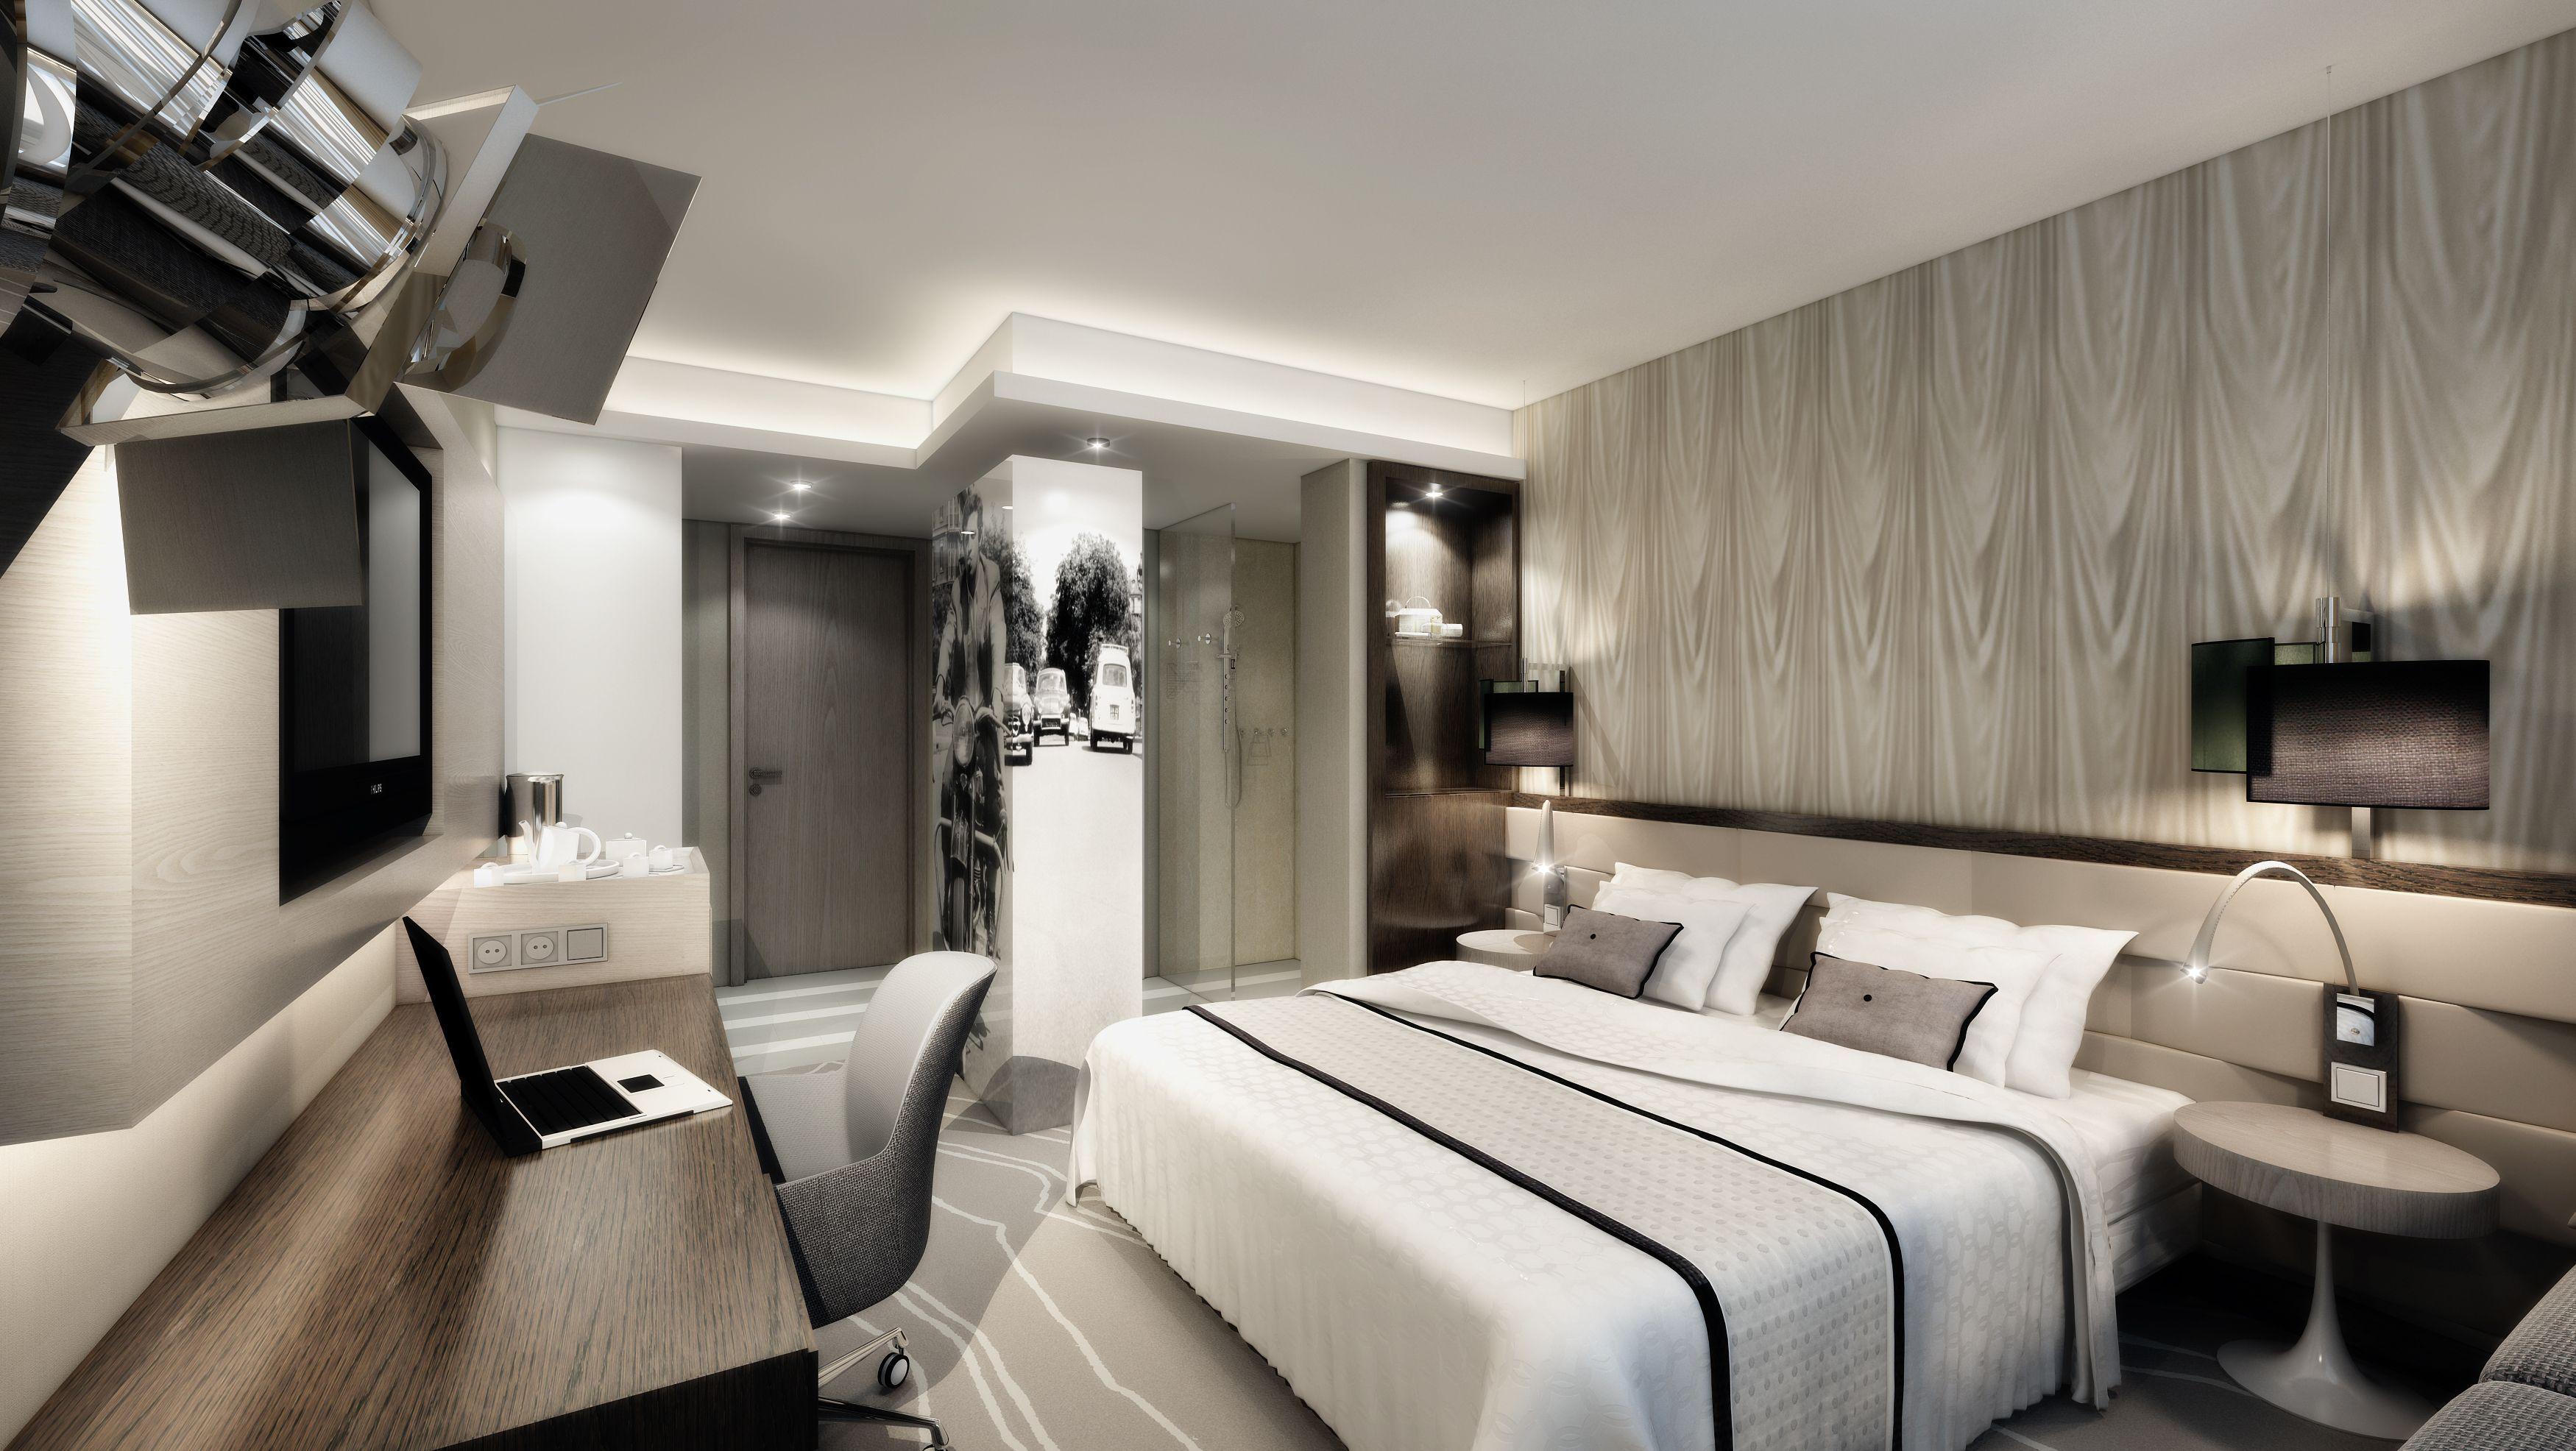 """Anmutung für Luxus-Hotelzimmer: Exklusive """"JOI-Hotelrooms"""" sind ab 2013 im Hotel-Kompetenz-Zentrum zu besichtigen"""